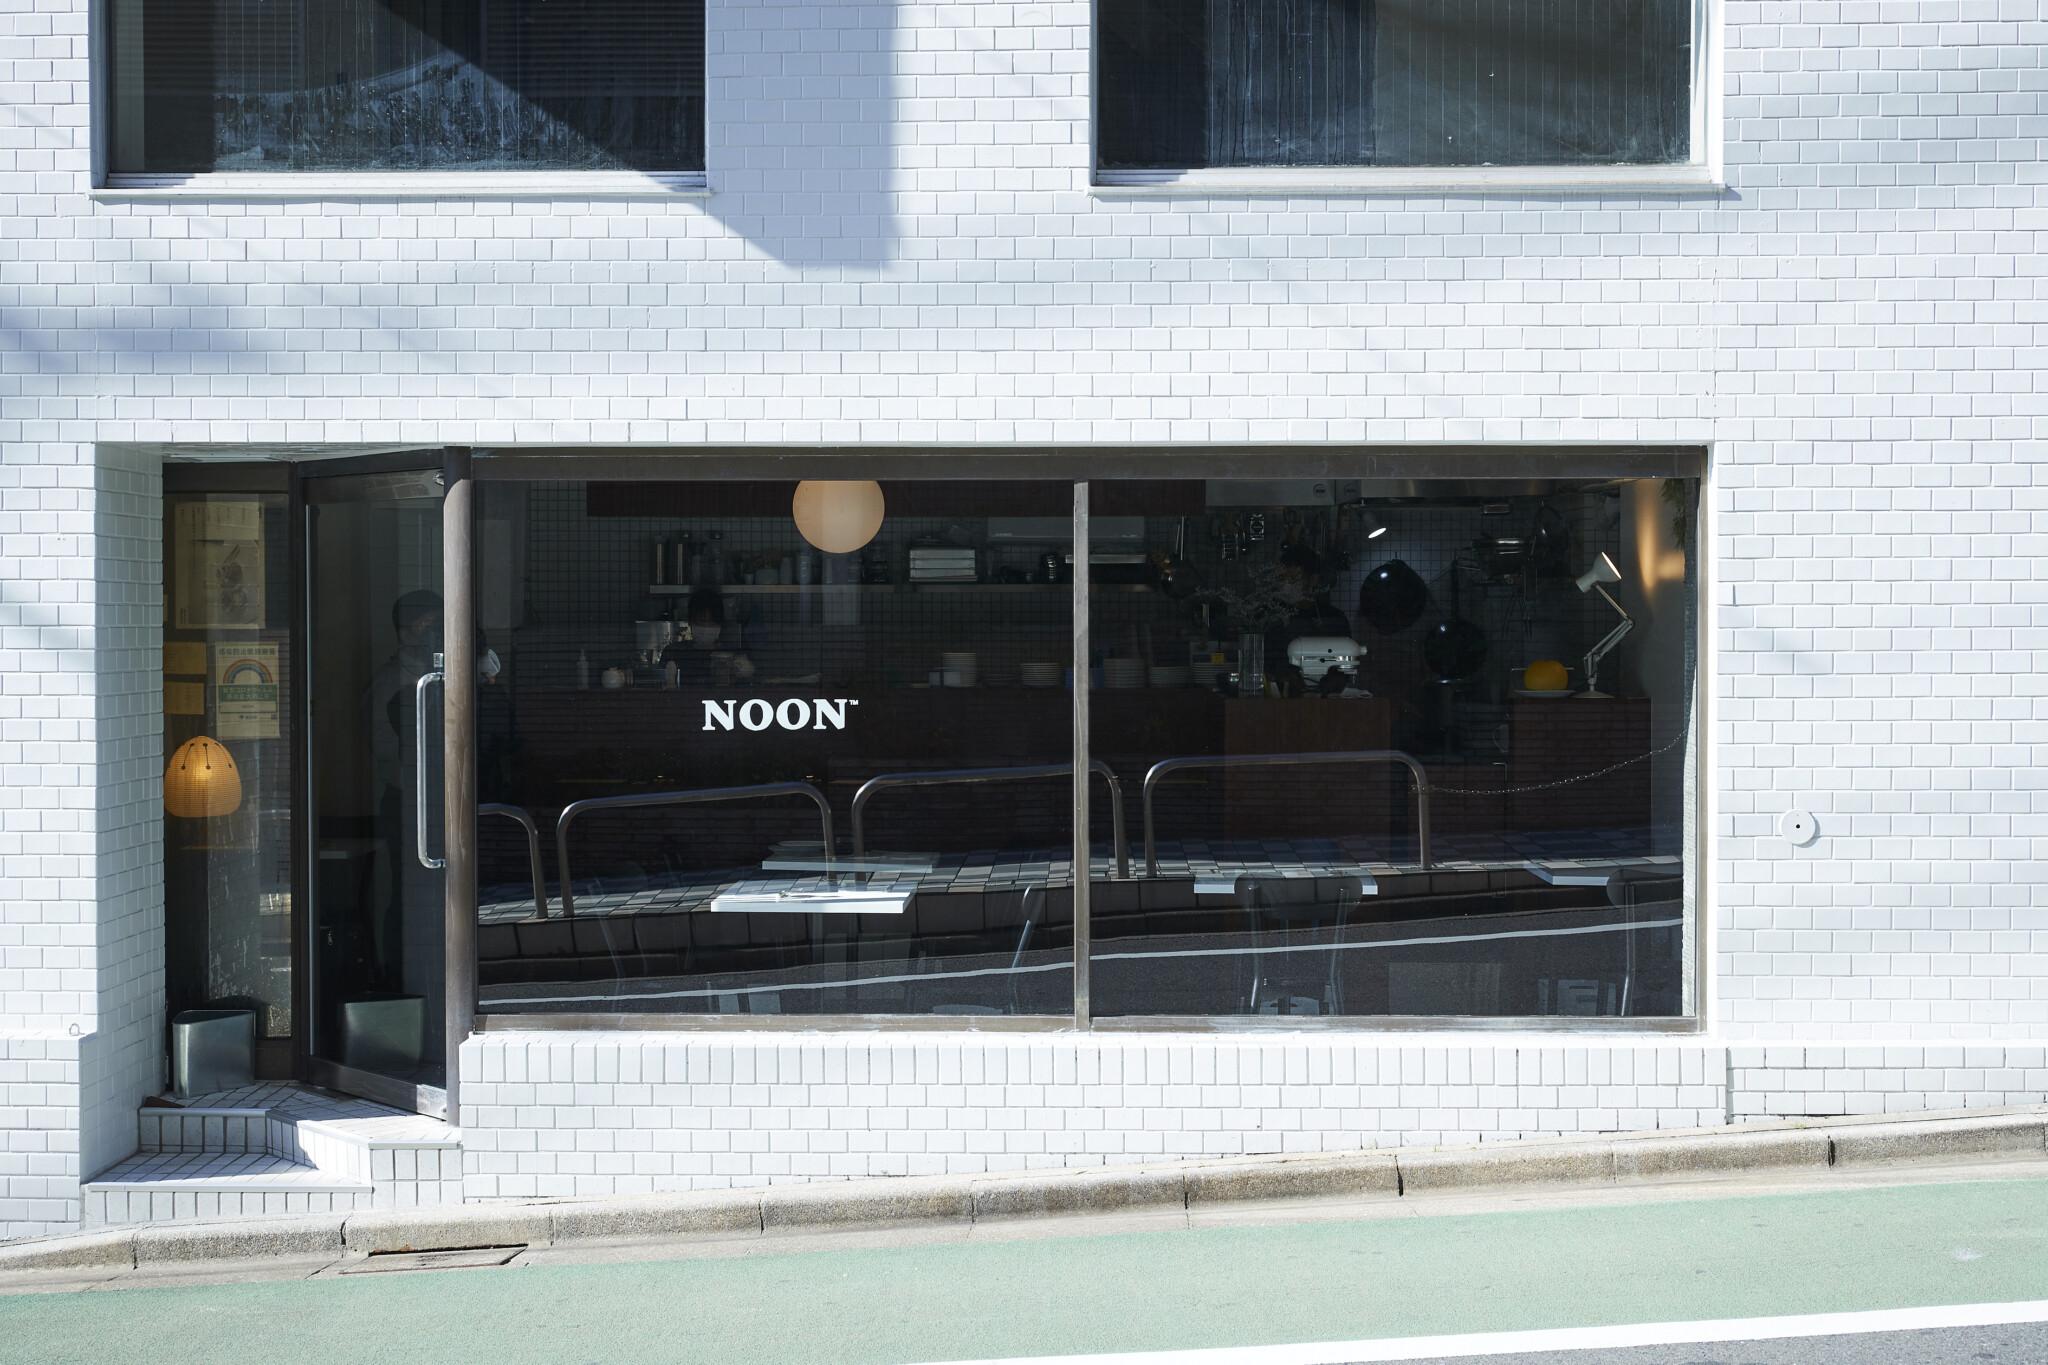 【東京】ニューオープンのおしゃれ居酒屋3選!おひとりさま、デート使いにもおすすめ。